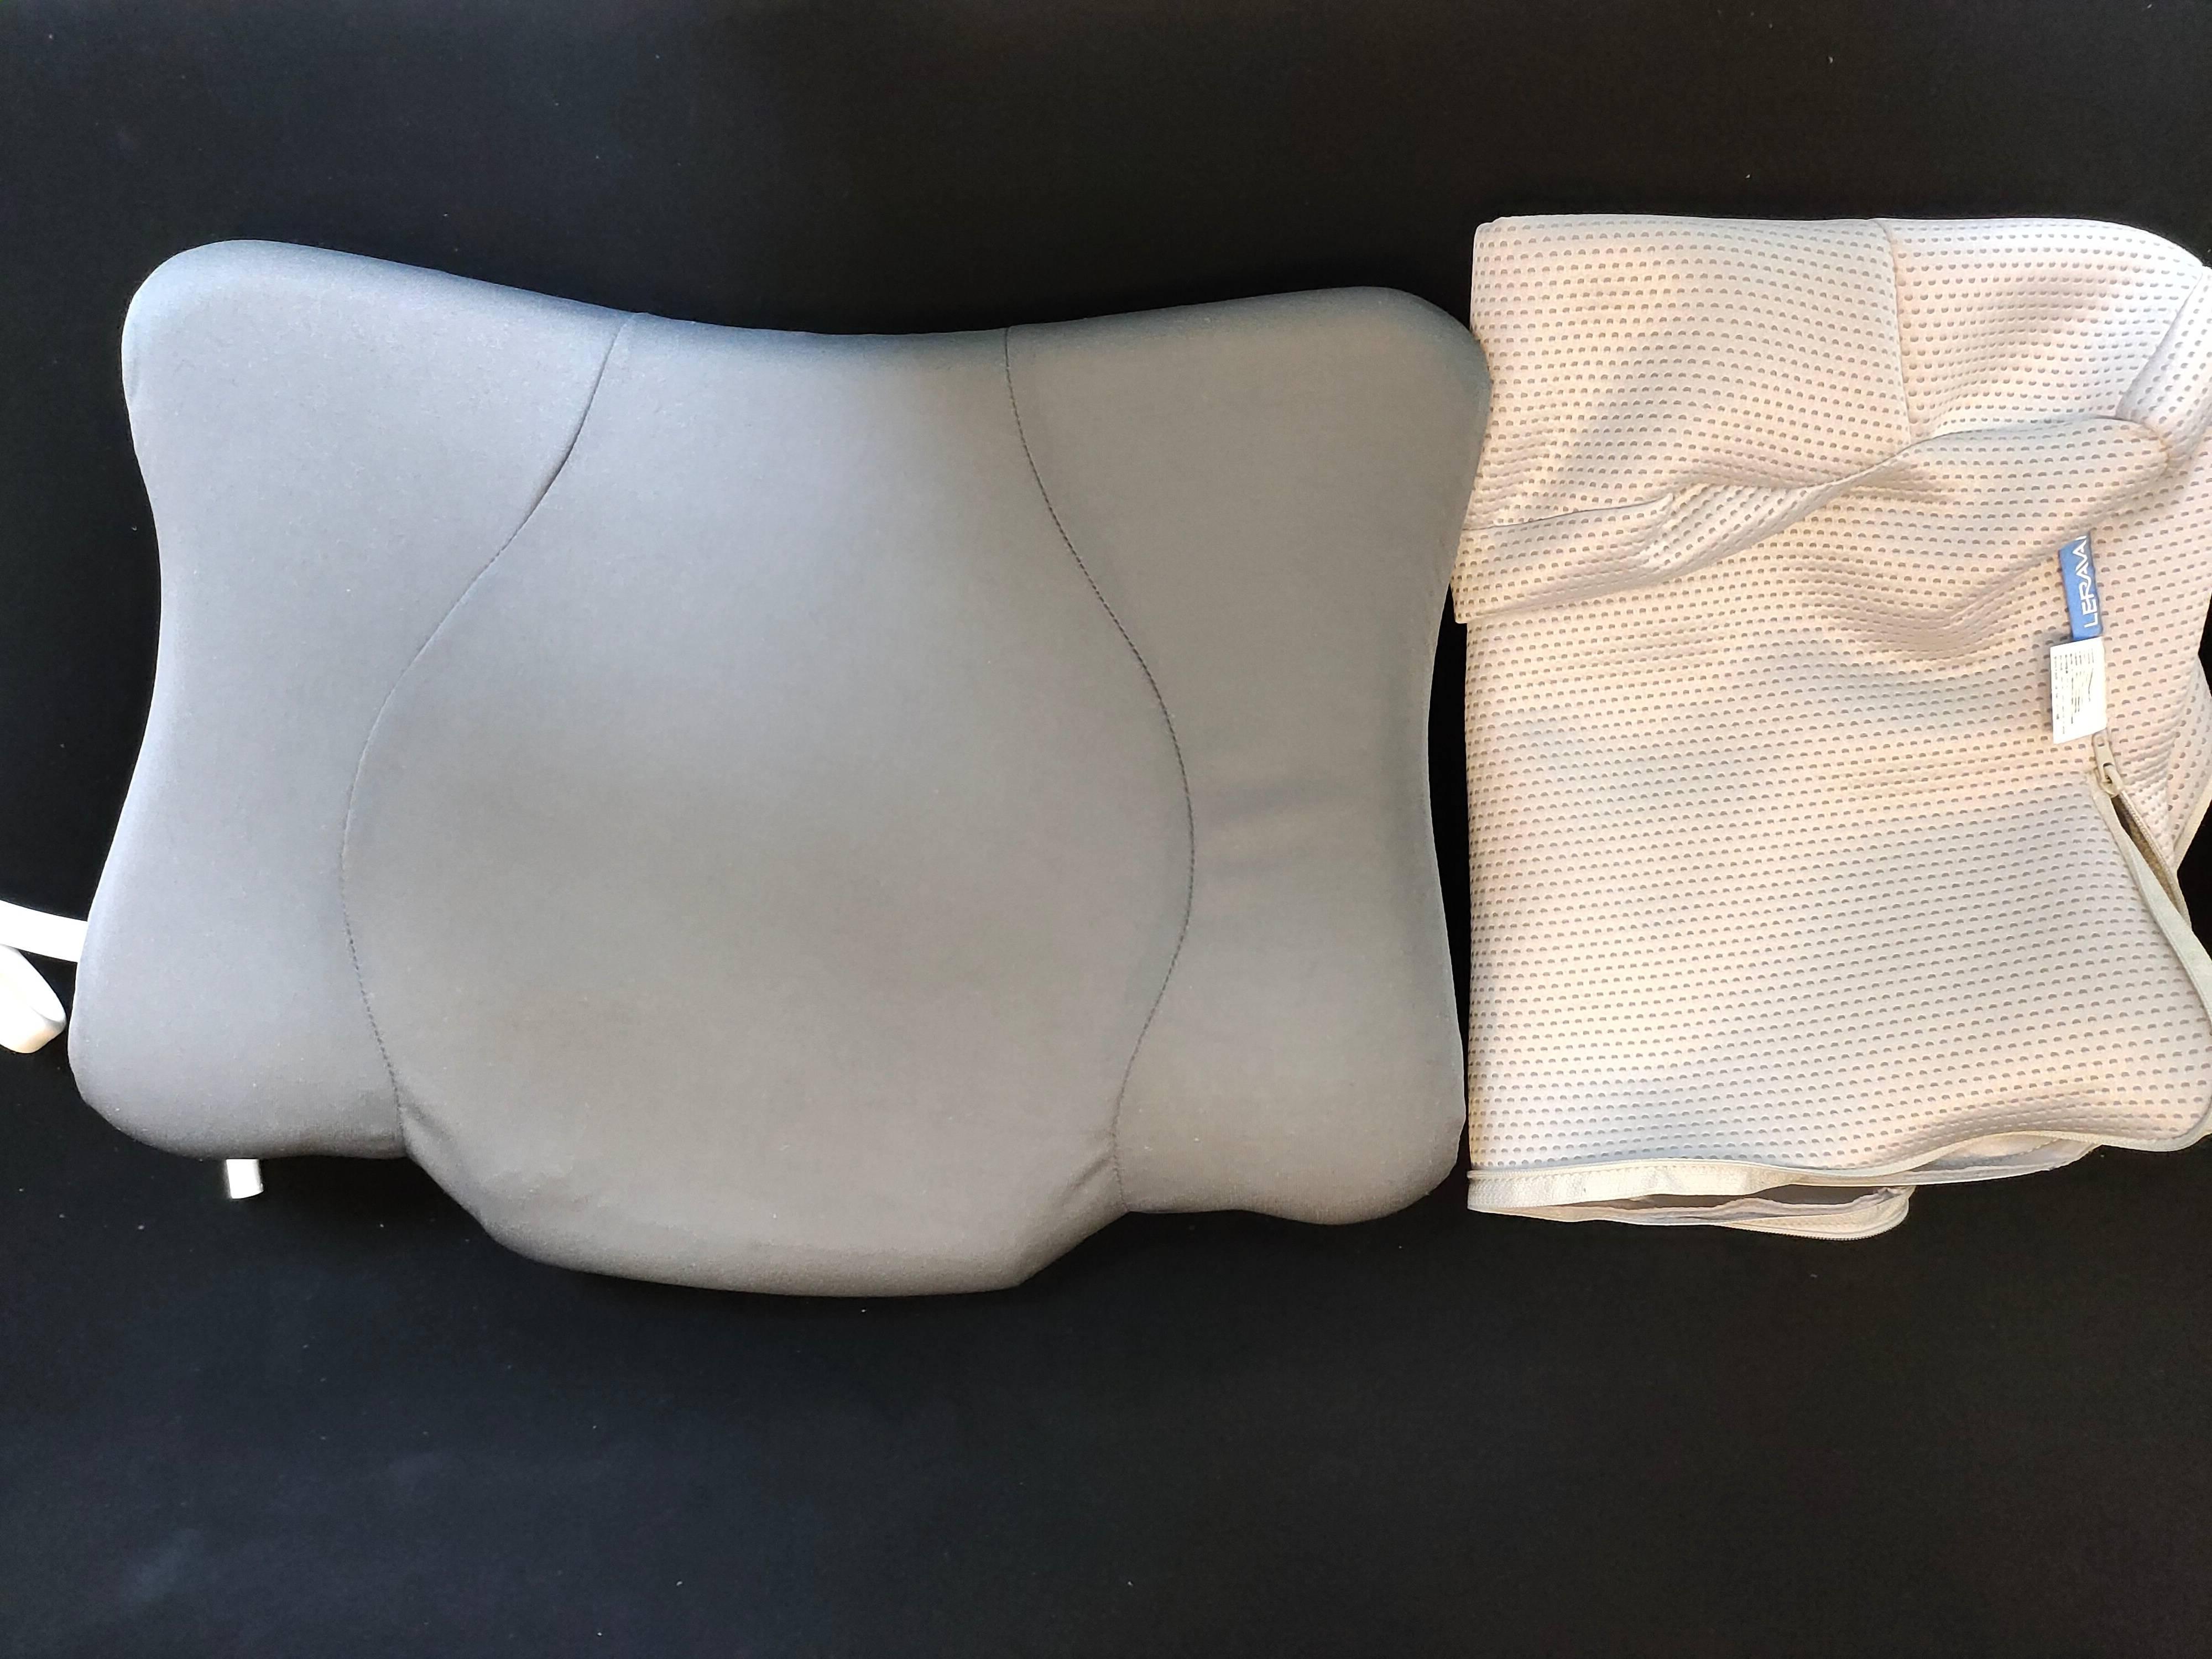 拯救颈椎,有乐伽智能睡眠牵引枕就够了